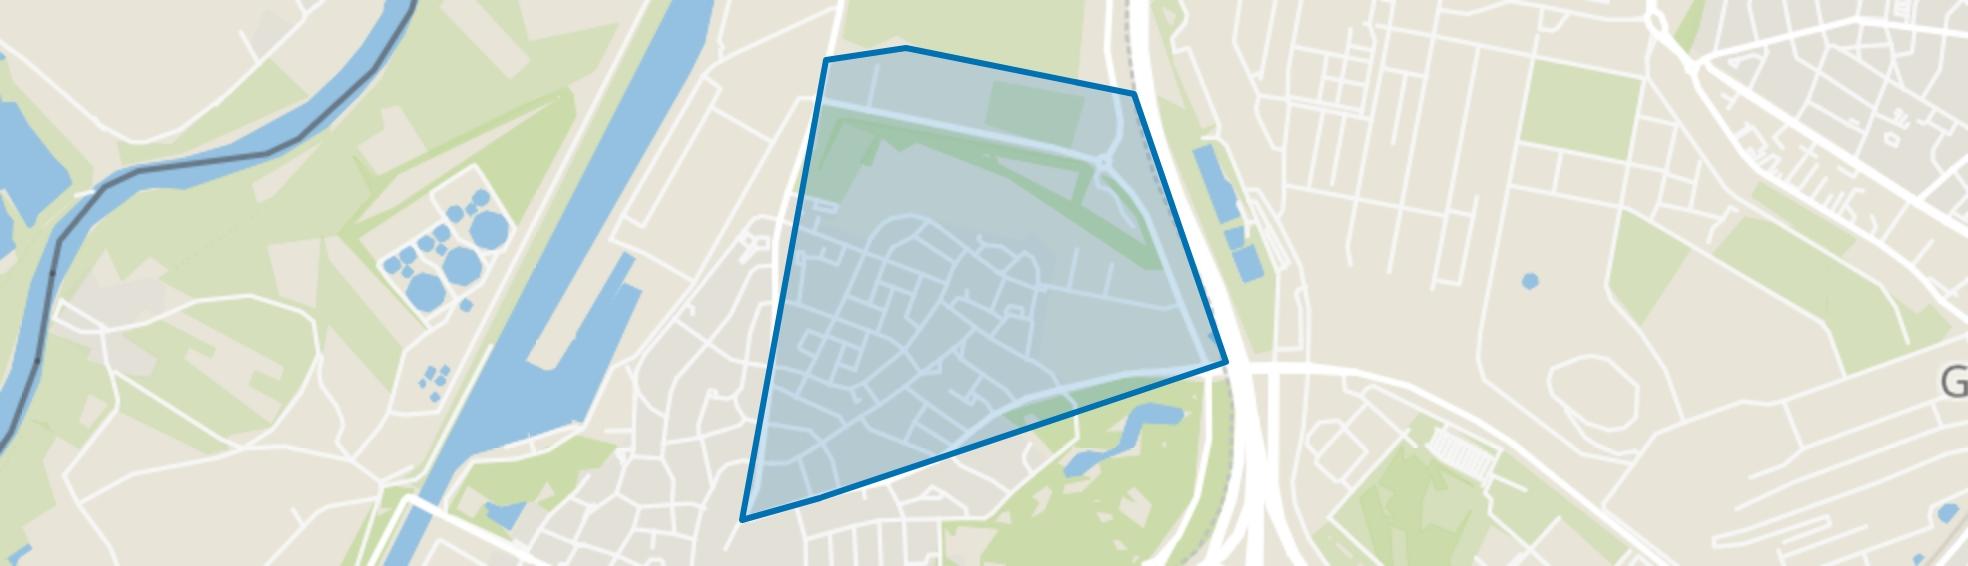 Kerensheide, Stein map